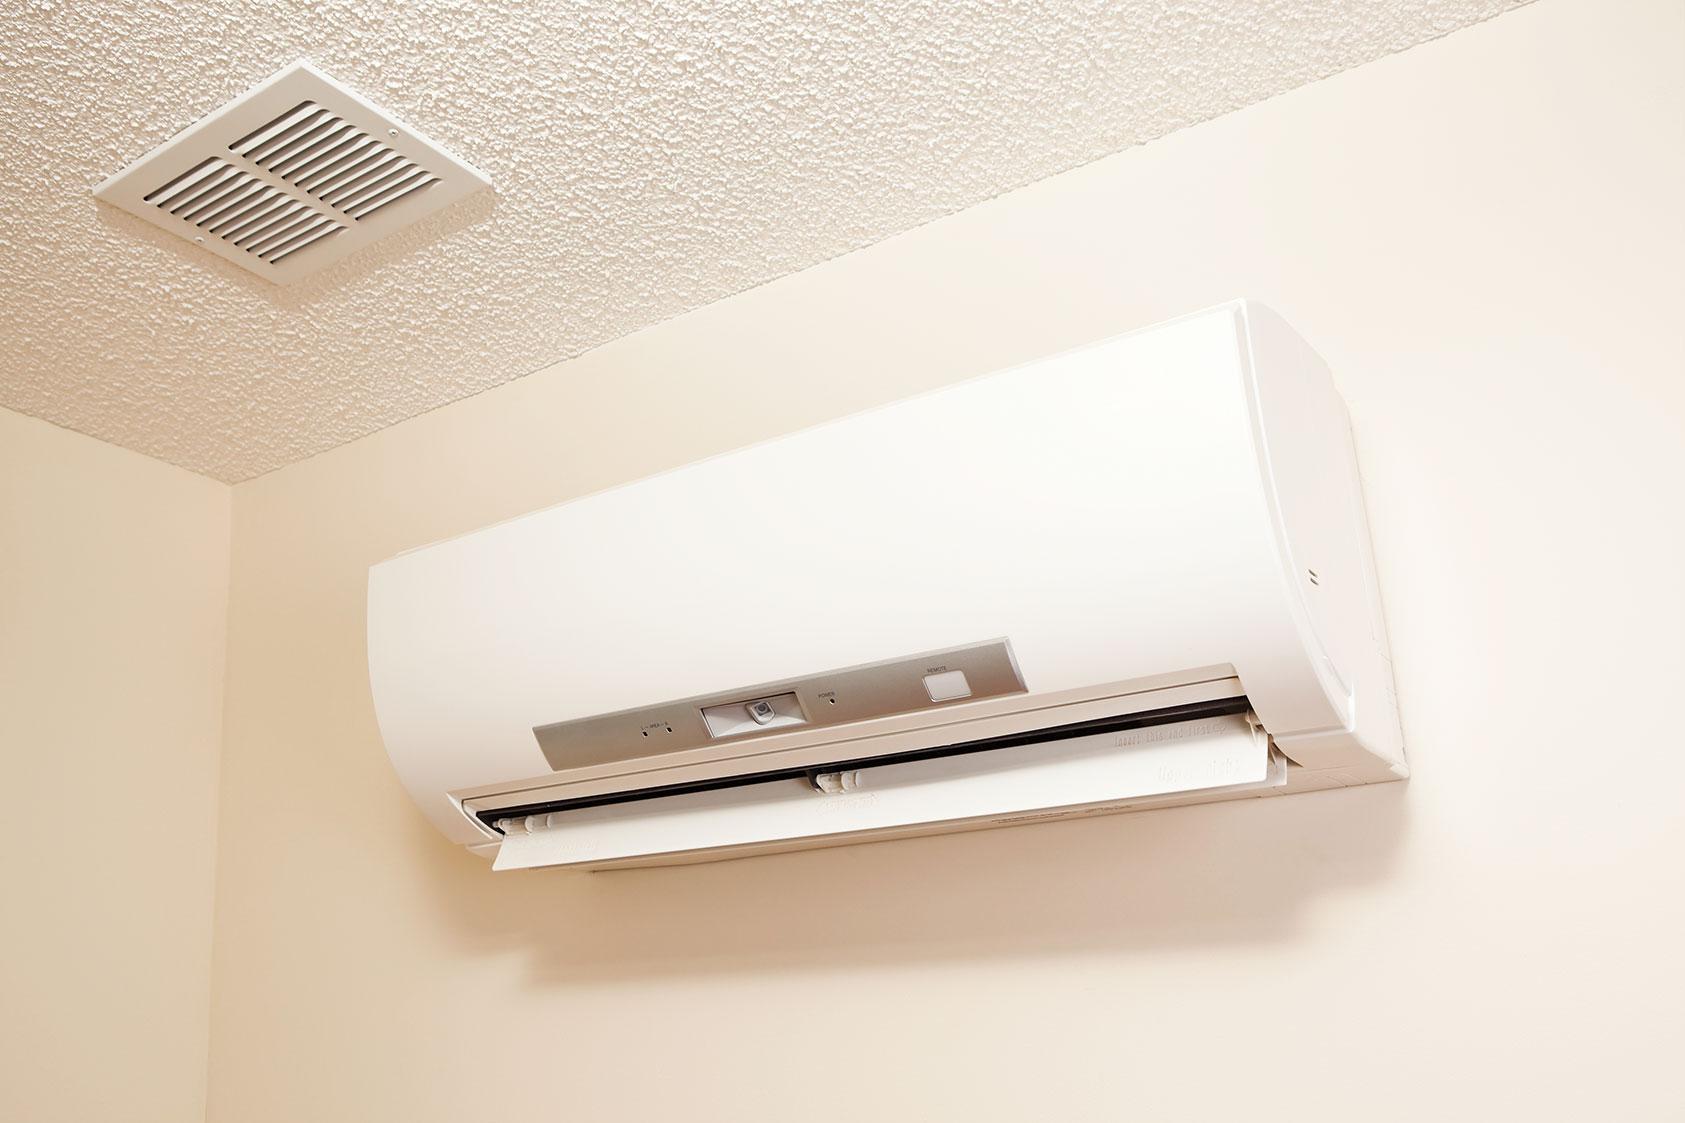 ducltess mini split air conditioner